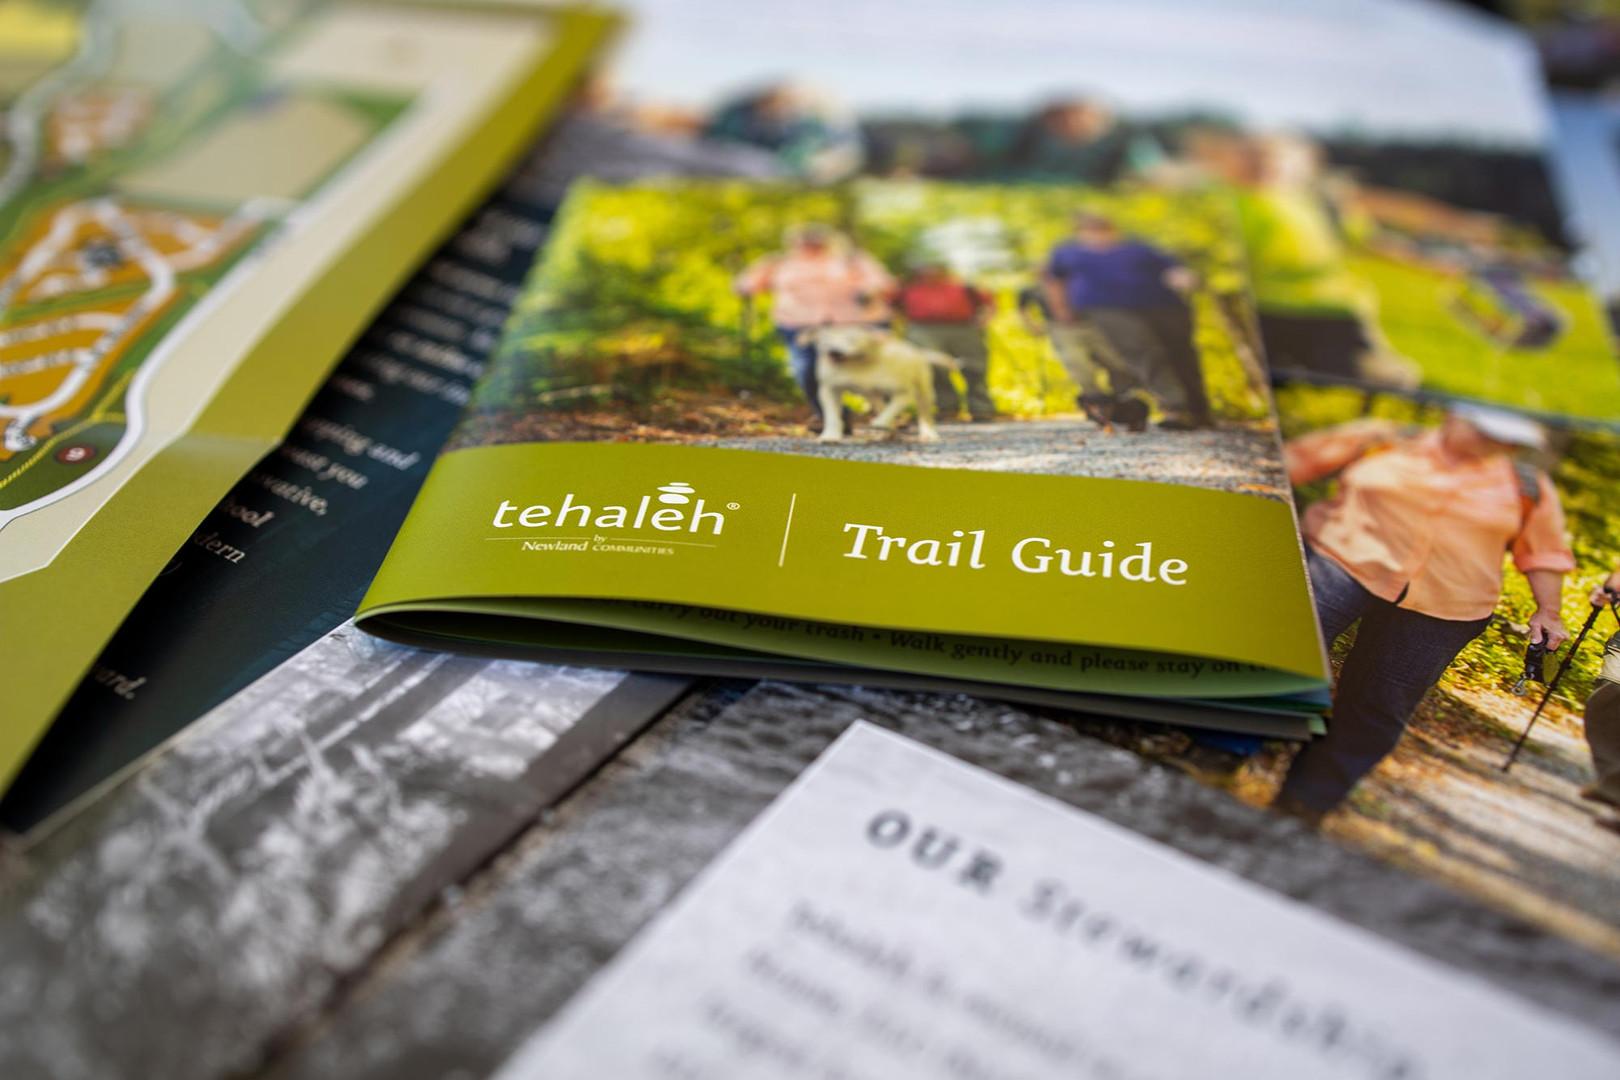 Tehaleh | At home in nature